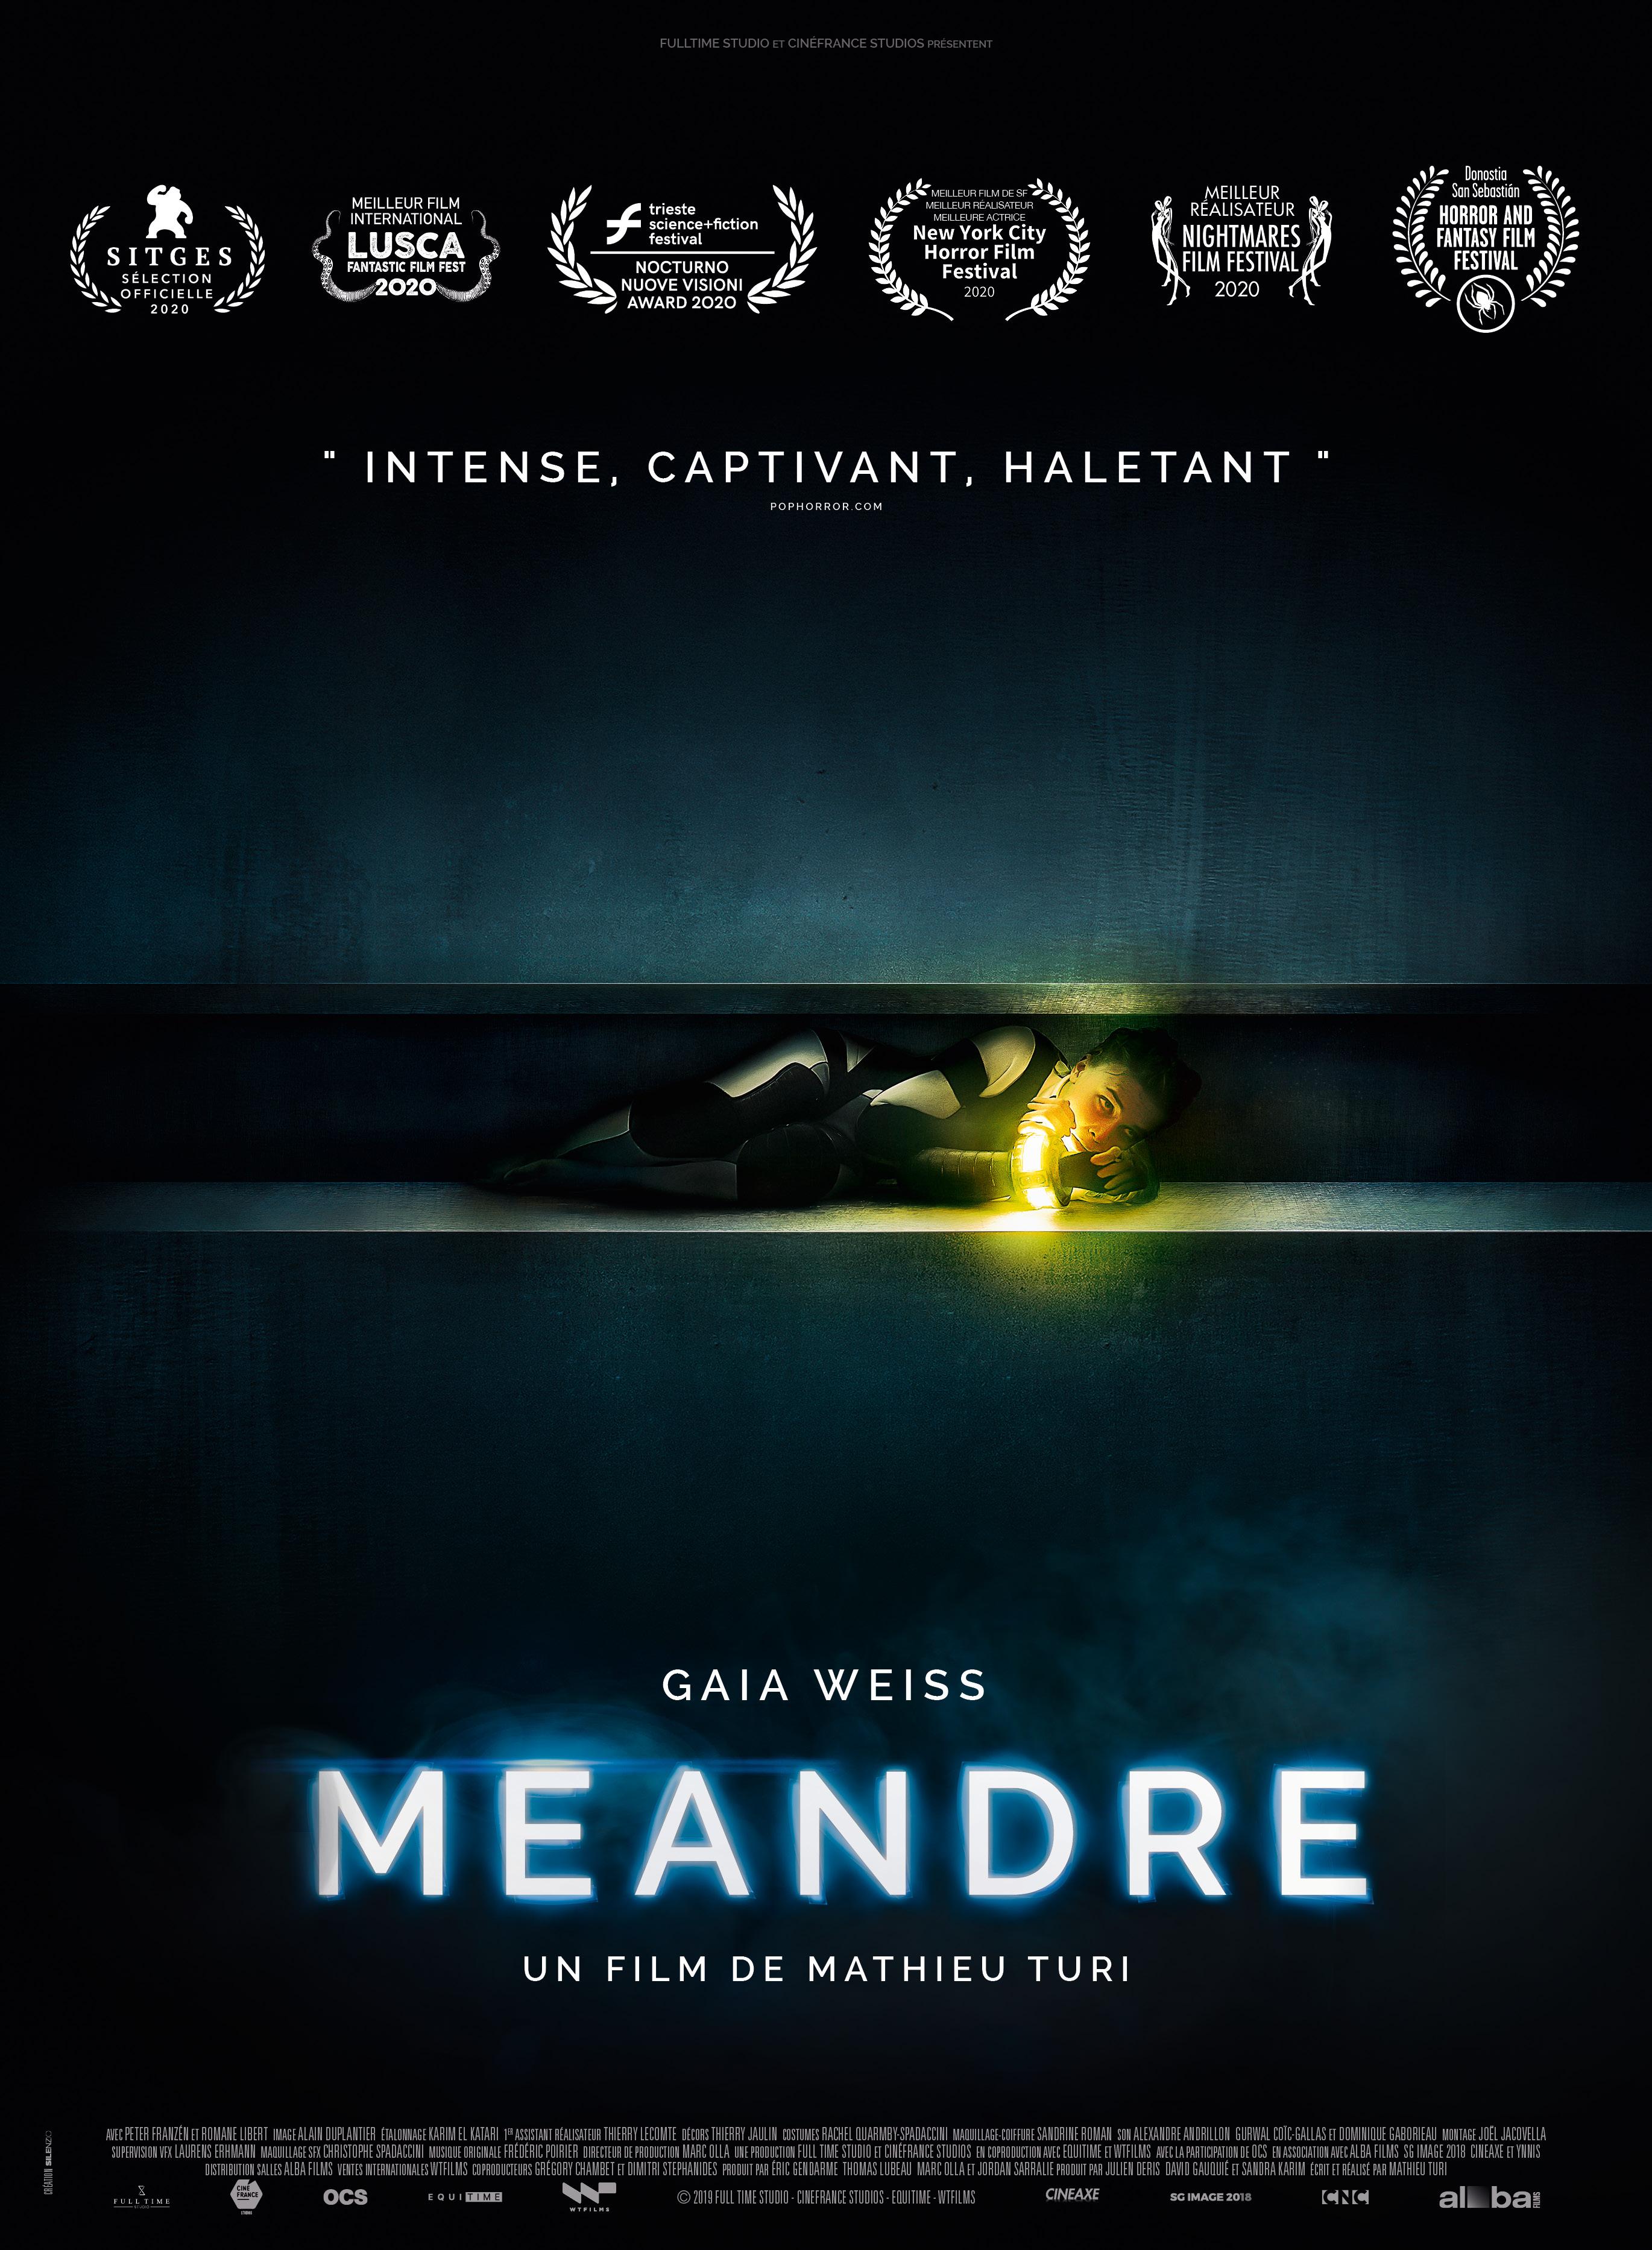 მეანდრი / Meandri / Meander